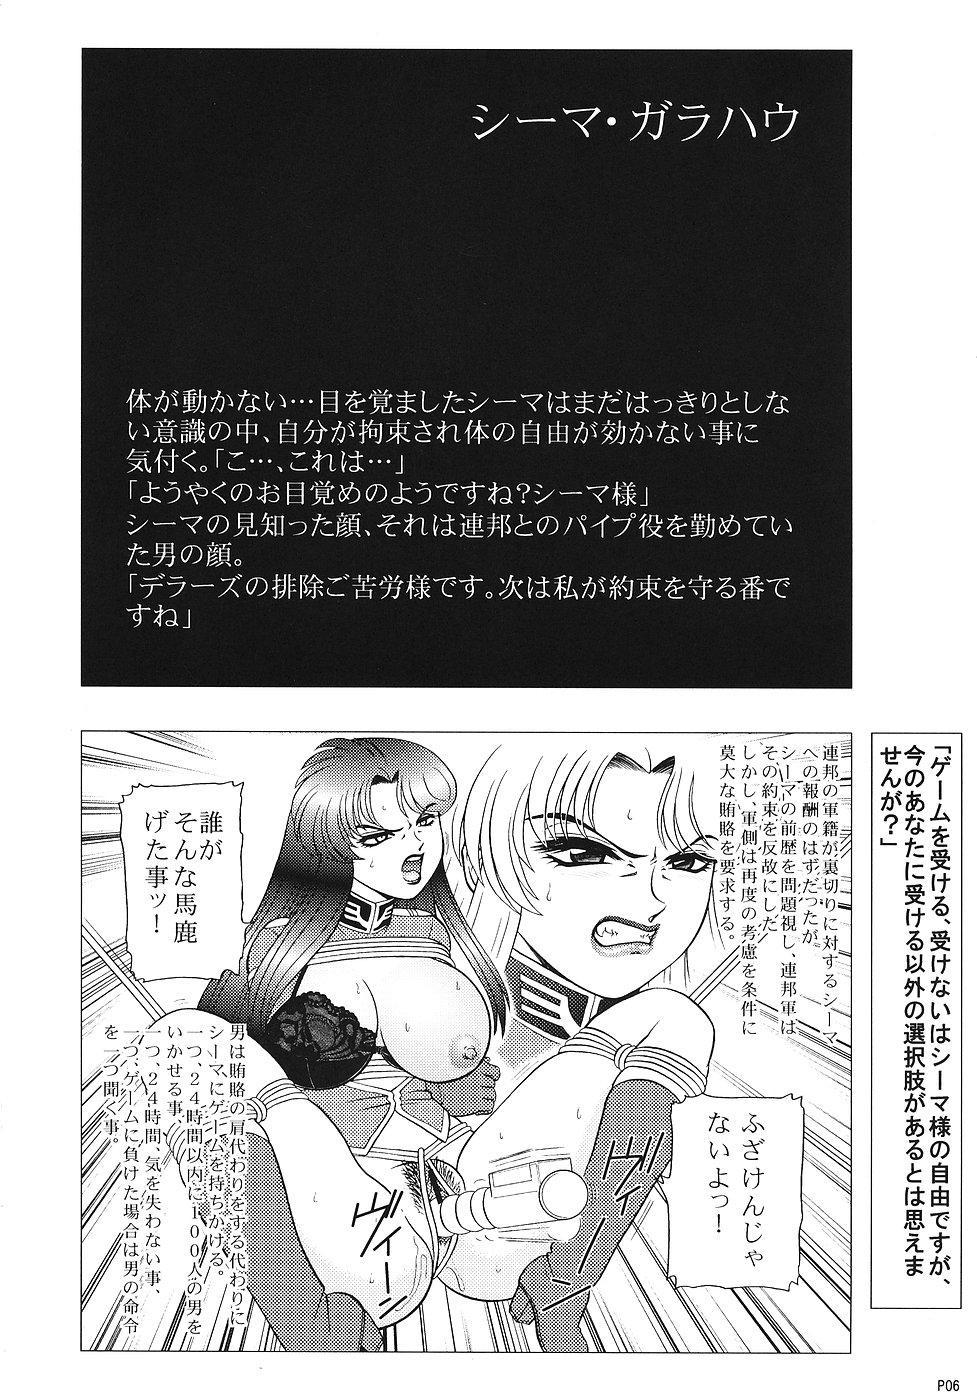 (C70) [Jingai Makyou Club (WING☆BIRD)] Charaemu W B004 GANDAM003 08-83-CCA (Kidou Senshi Gundam) 4